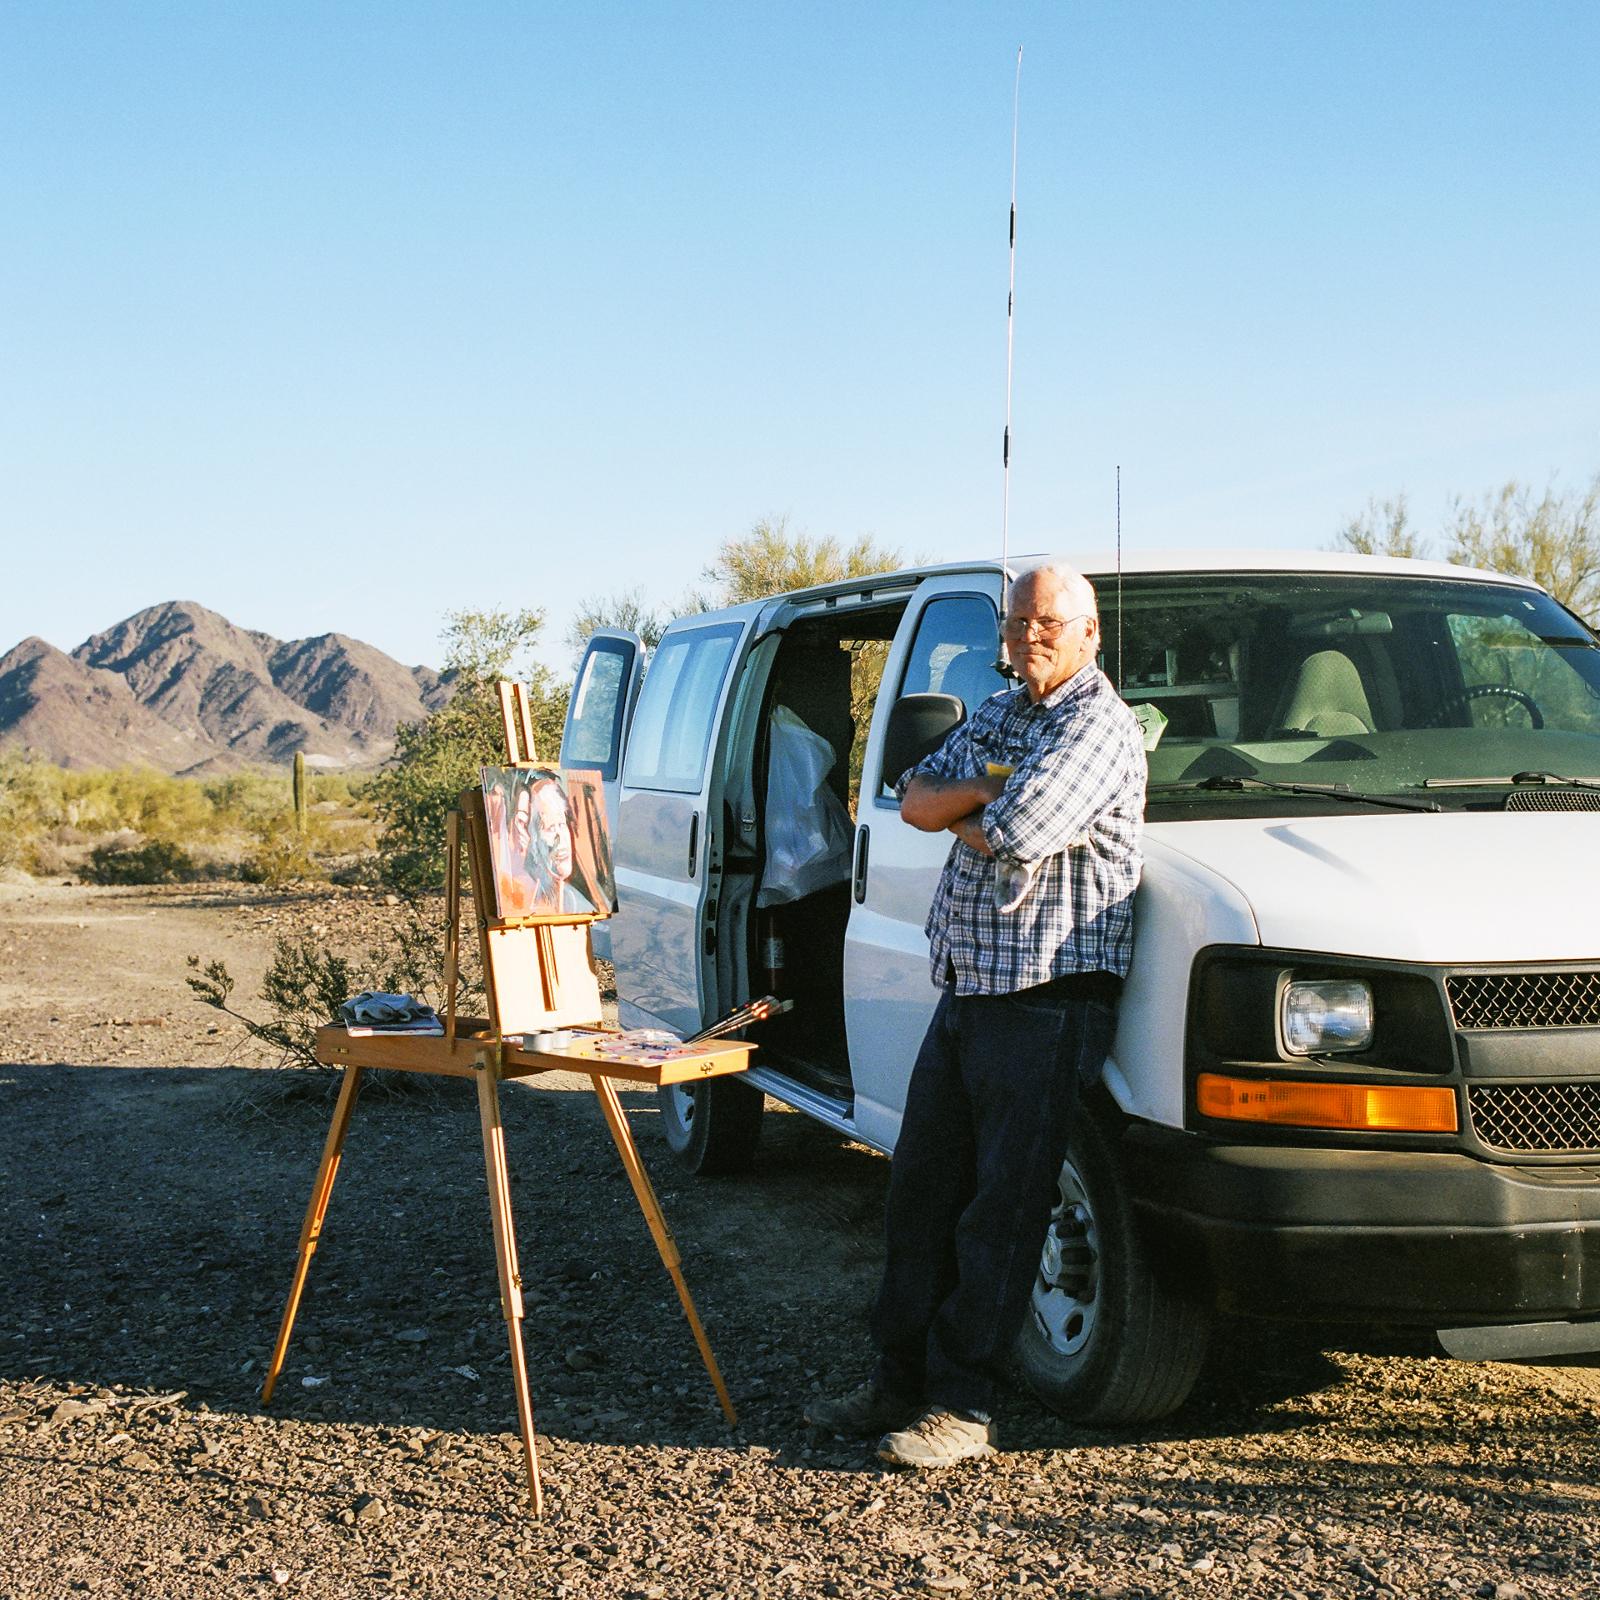 Phil Morrell se svým portrétem, Quartzsite, Arizona, 2013 -